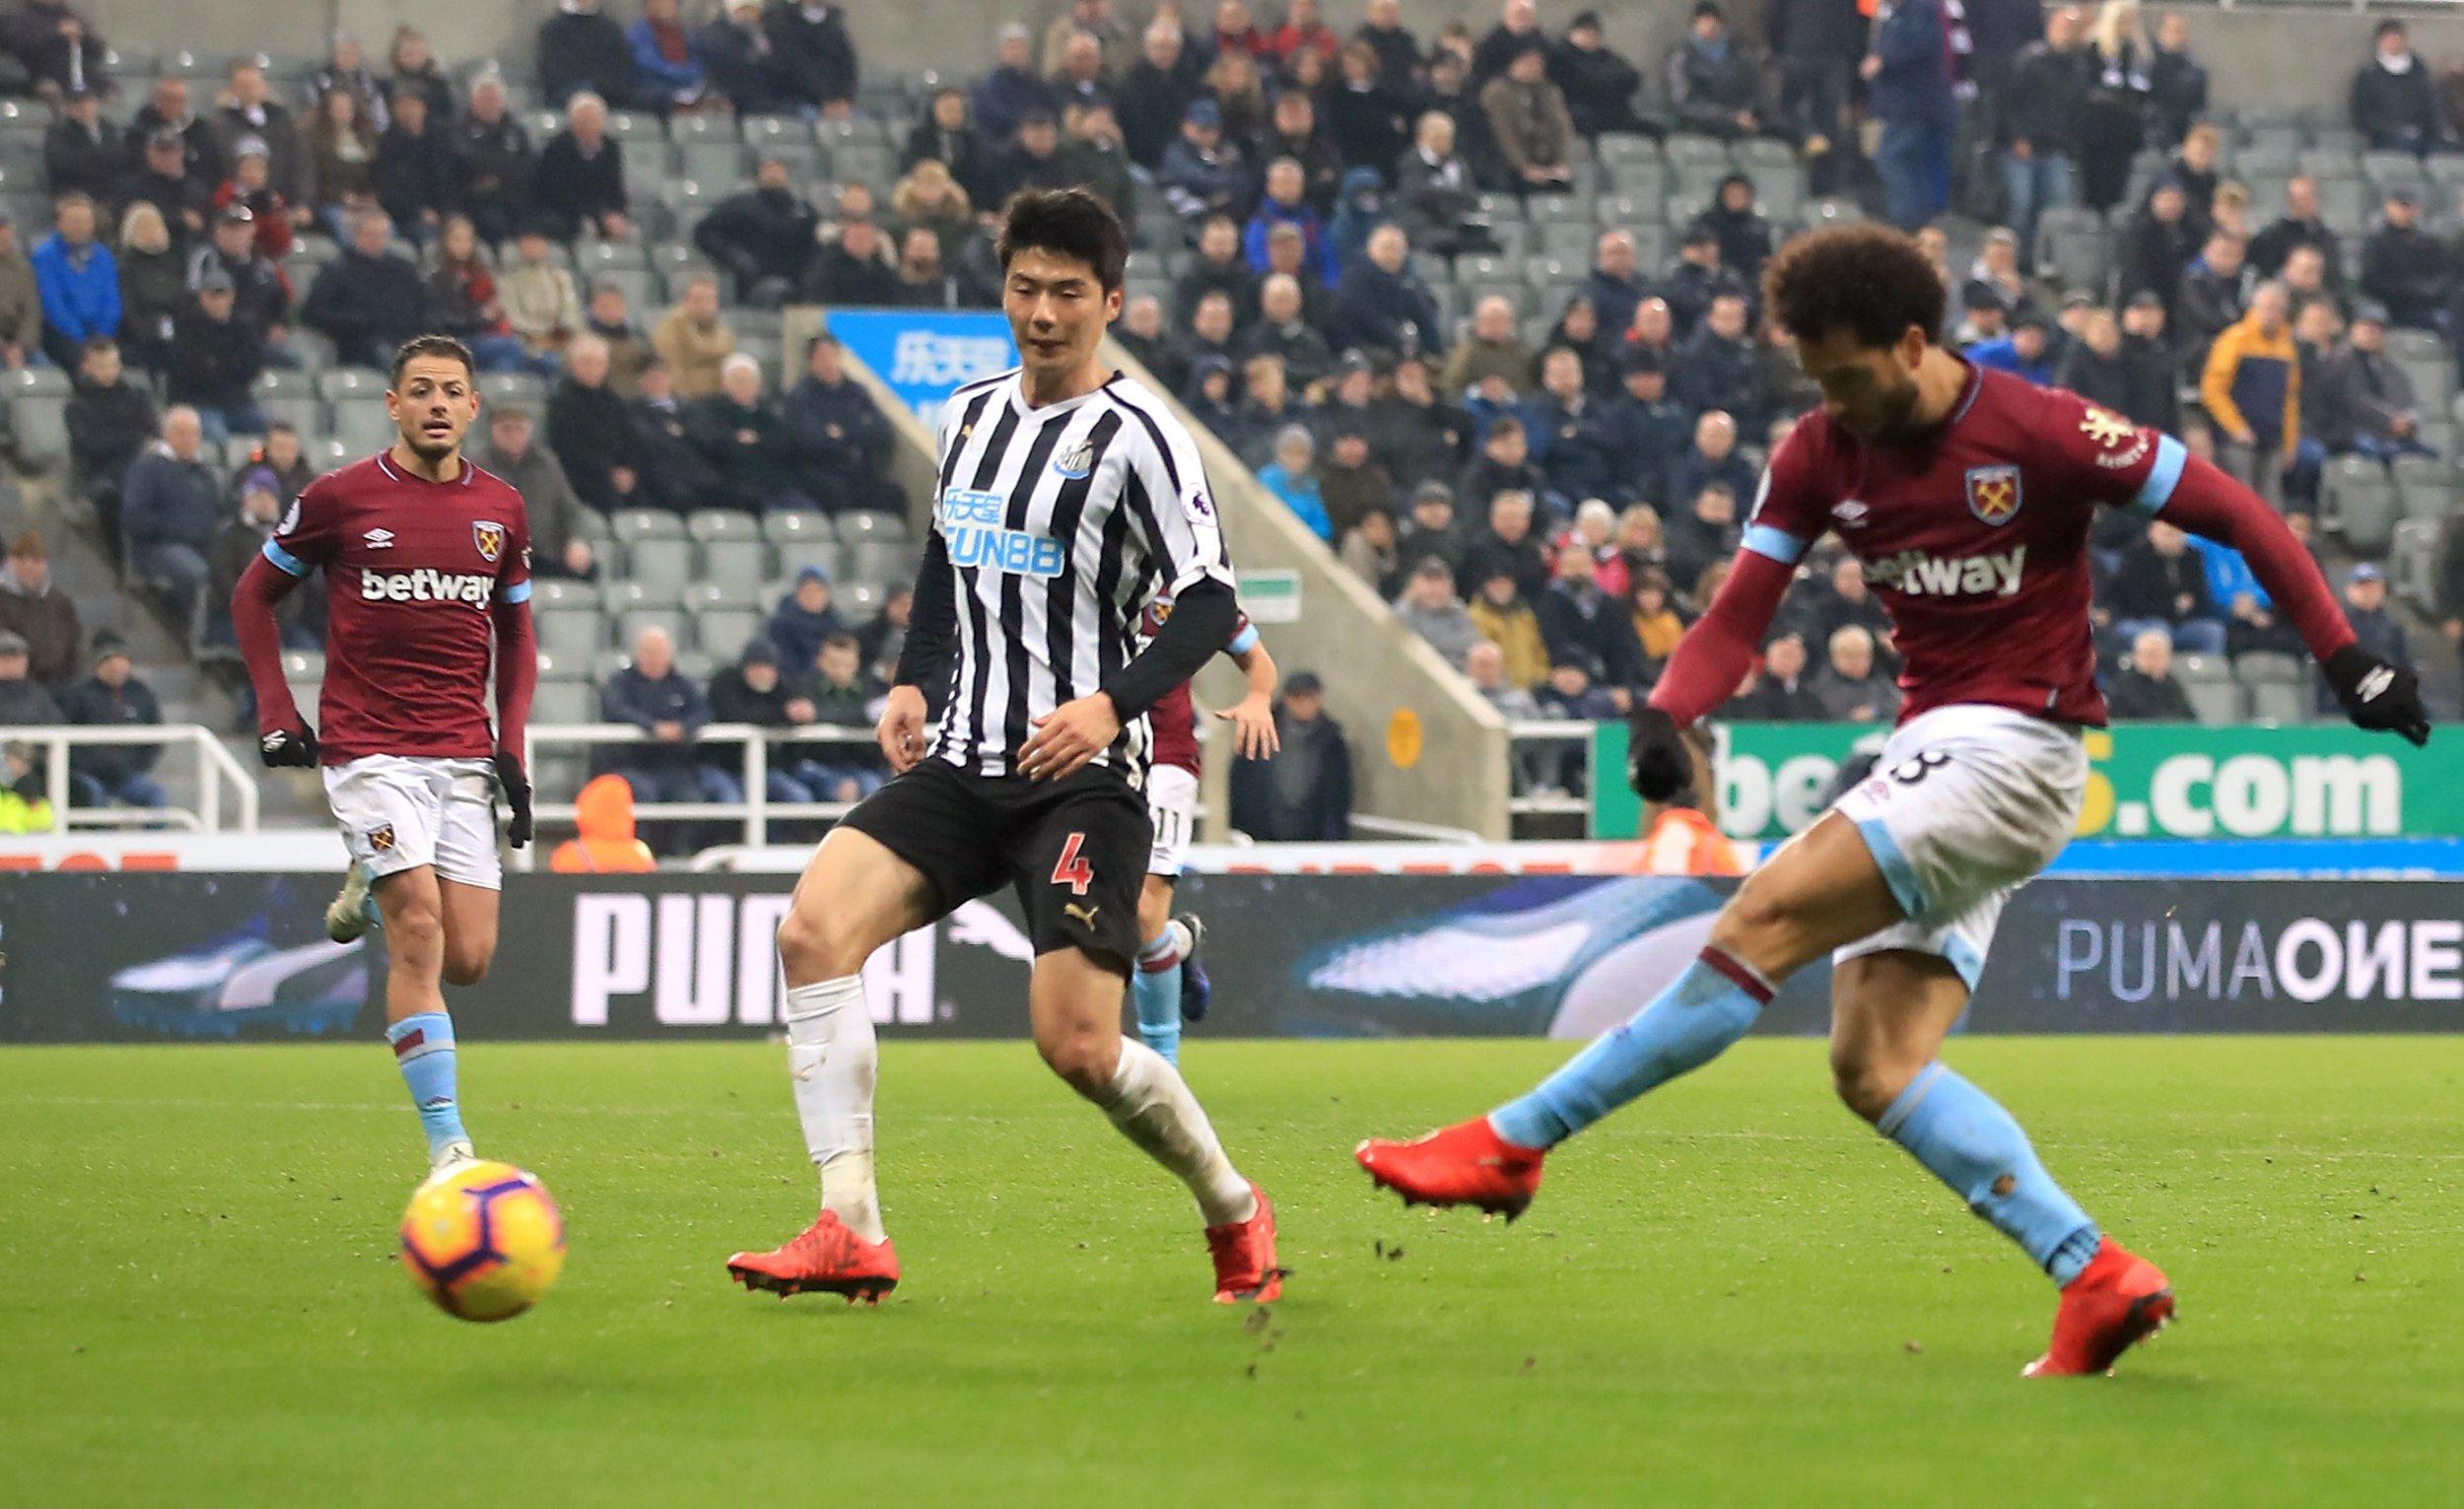 Nhận định West Ham vs Newcastle, 02h00 ngày 13/9, Ngoại hạng Anh